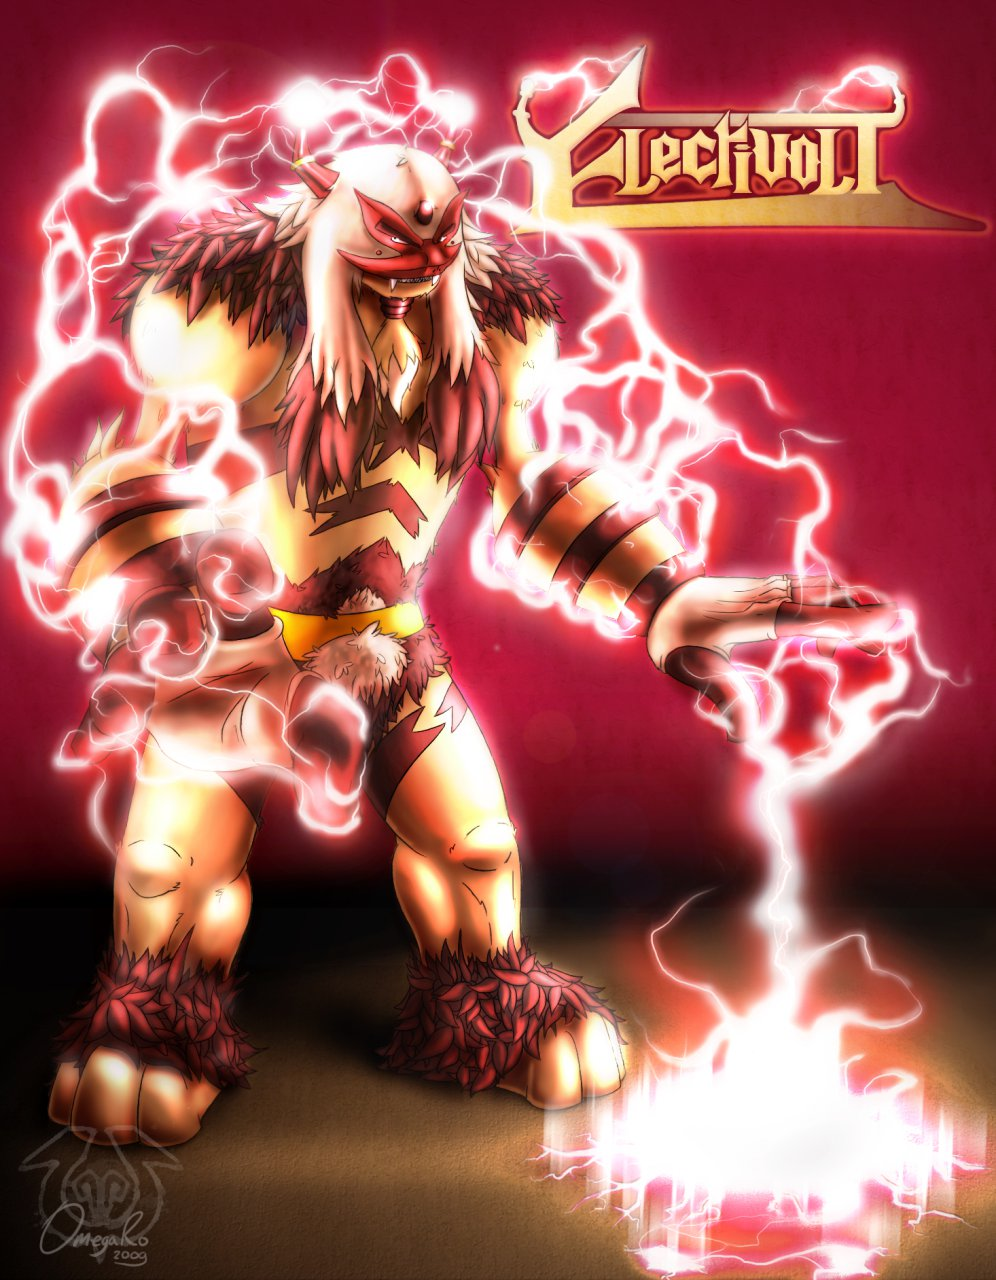 Electivolt's Wrath